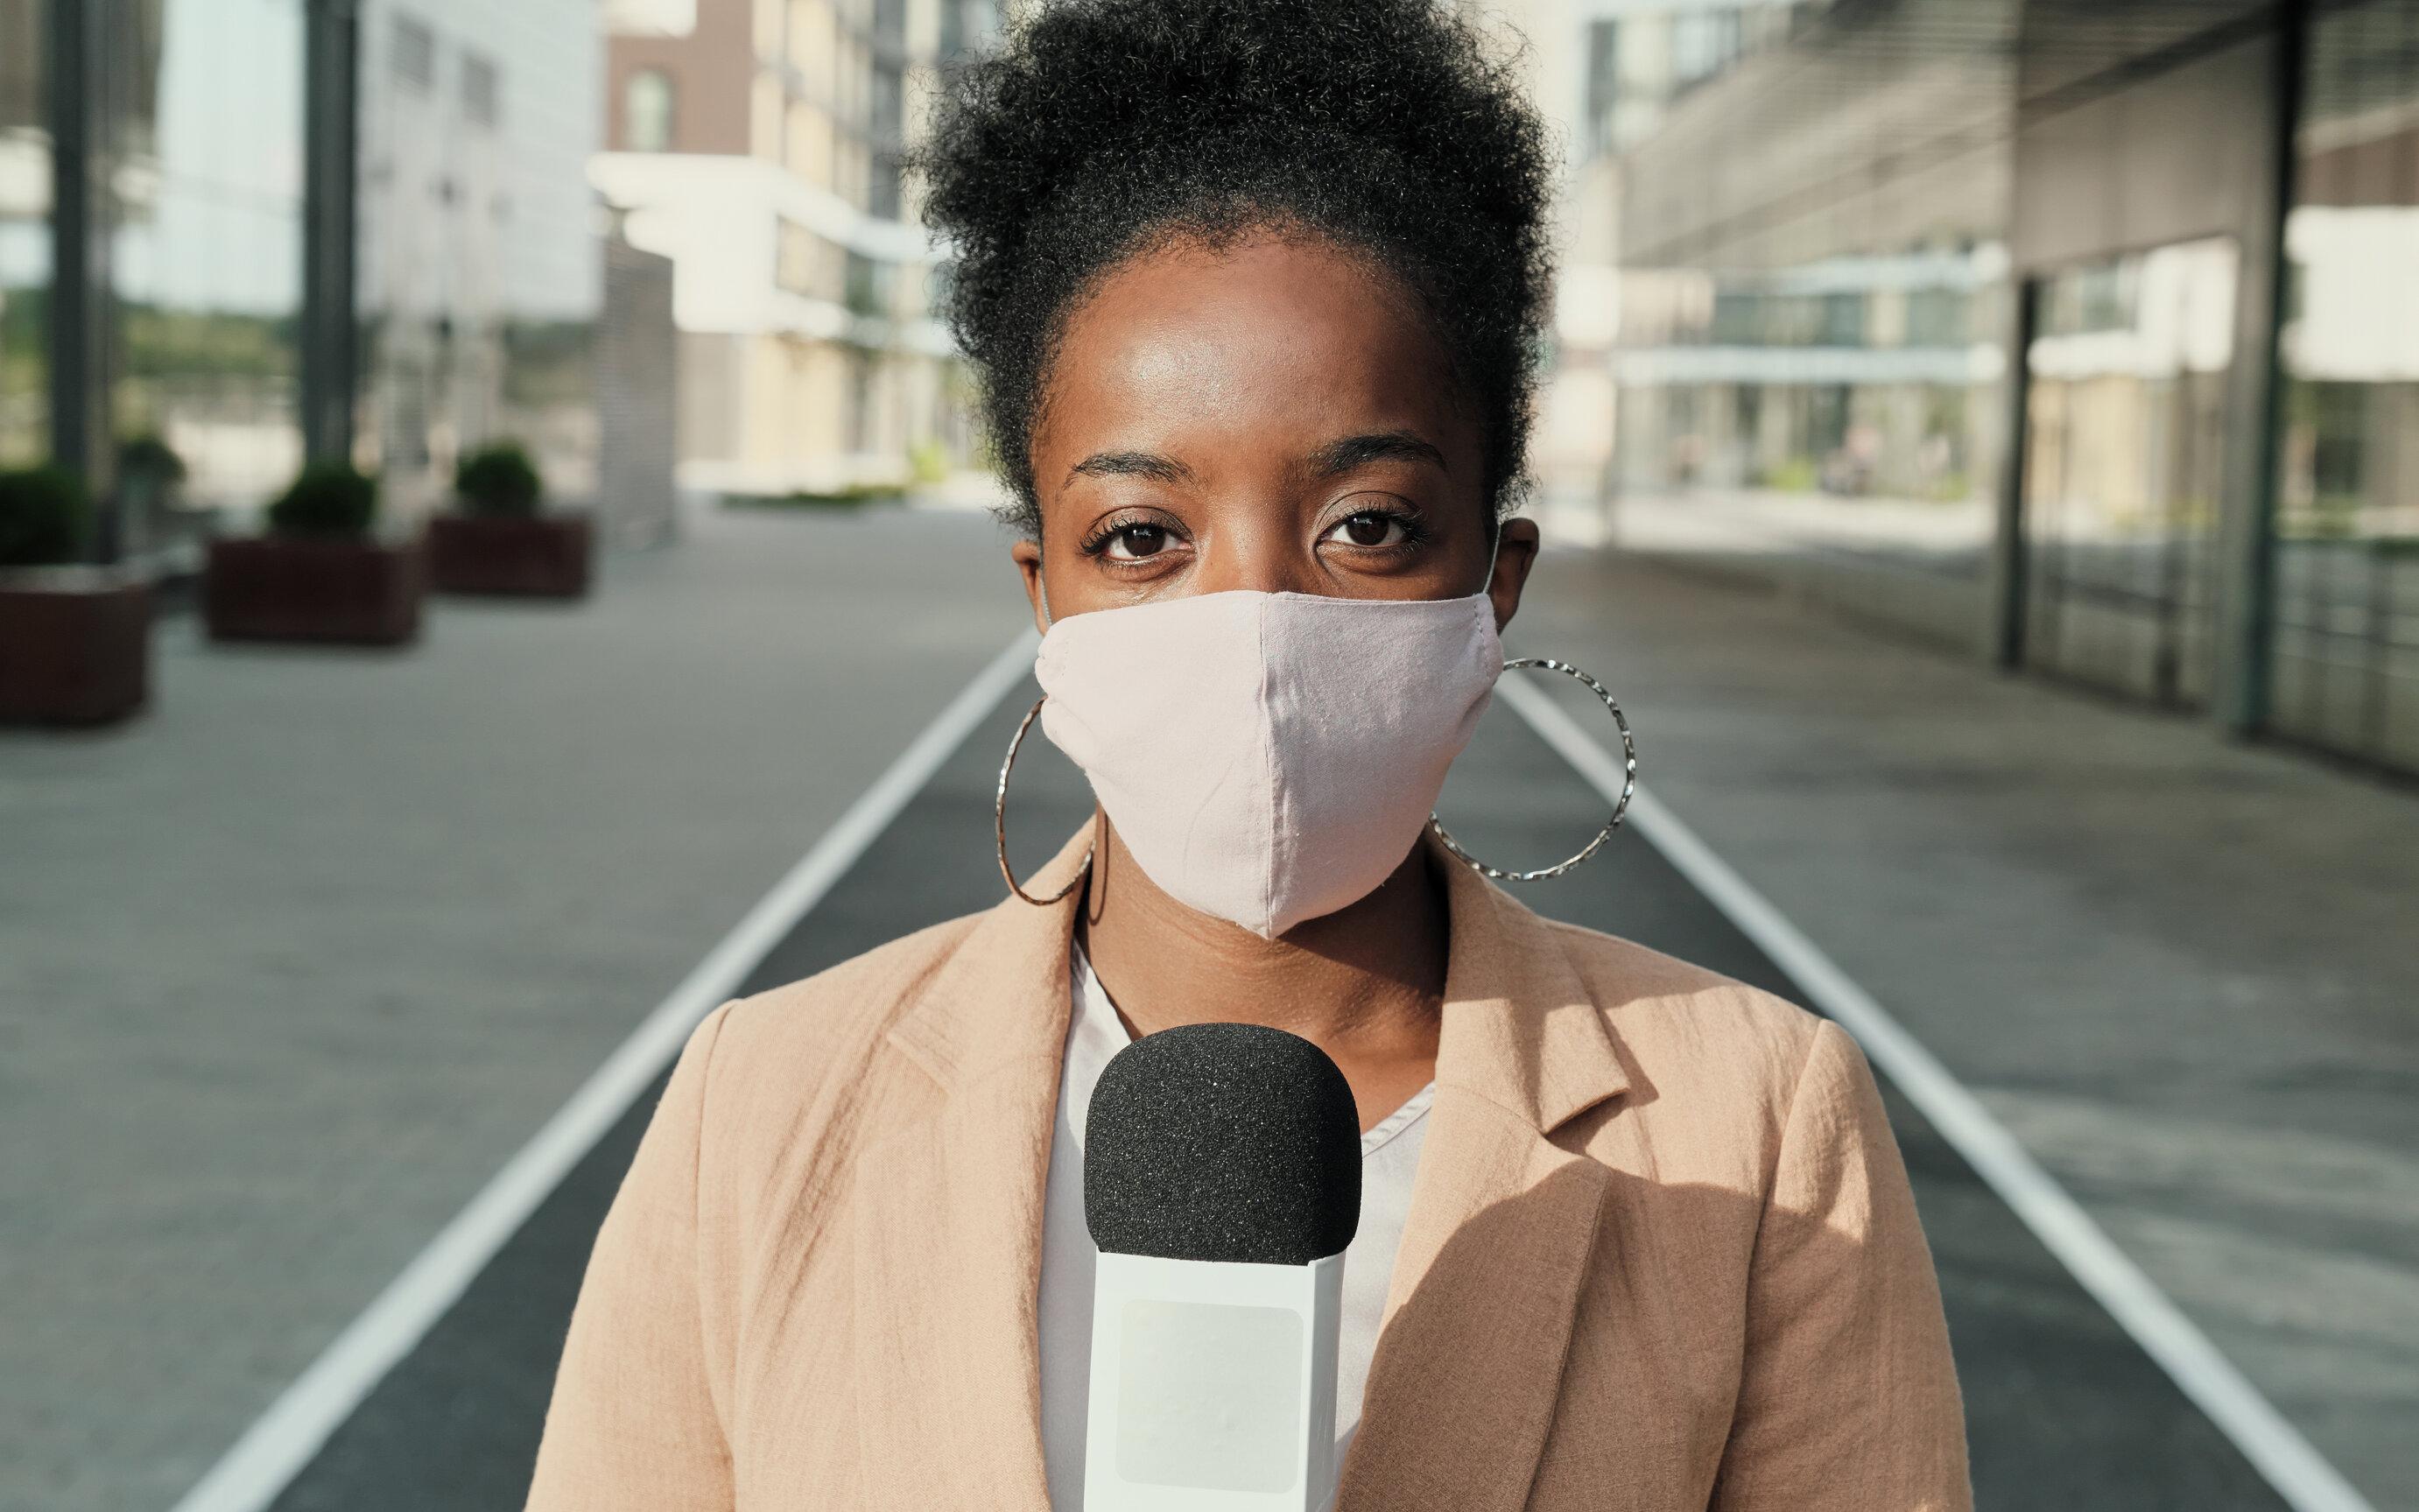 Masca pentru jurnaliști| Vrem să dăm un exemplu de conduită, dar cum se simt telespectatorii care văd doar oameni mascați?